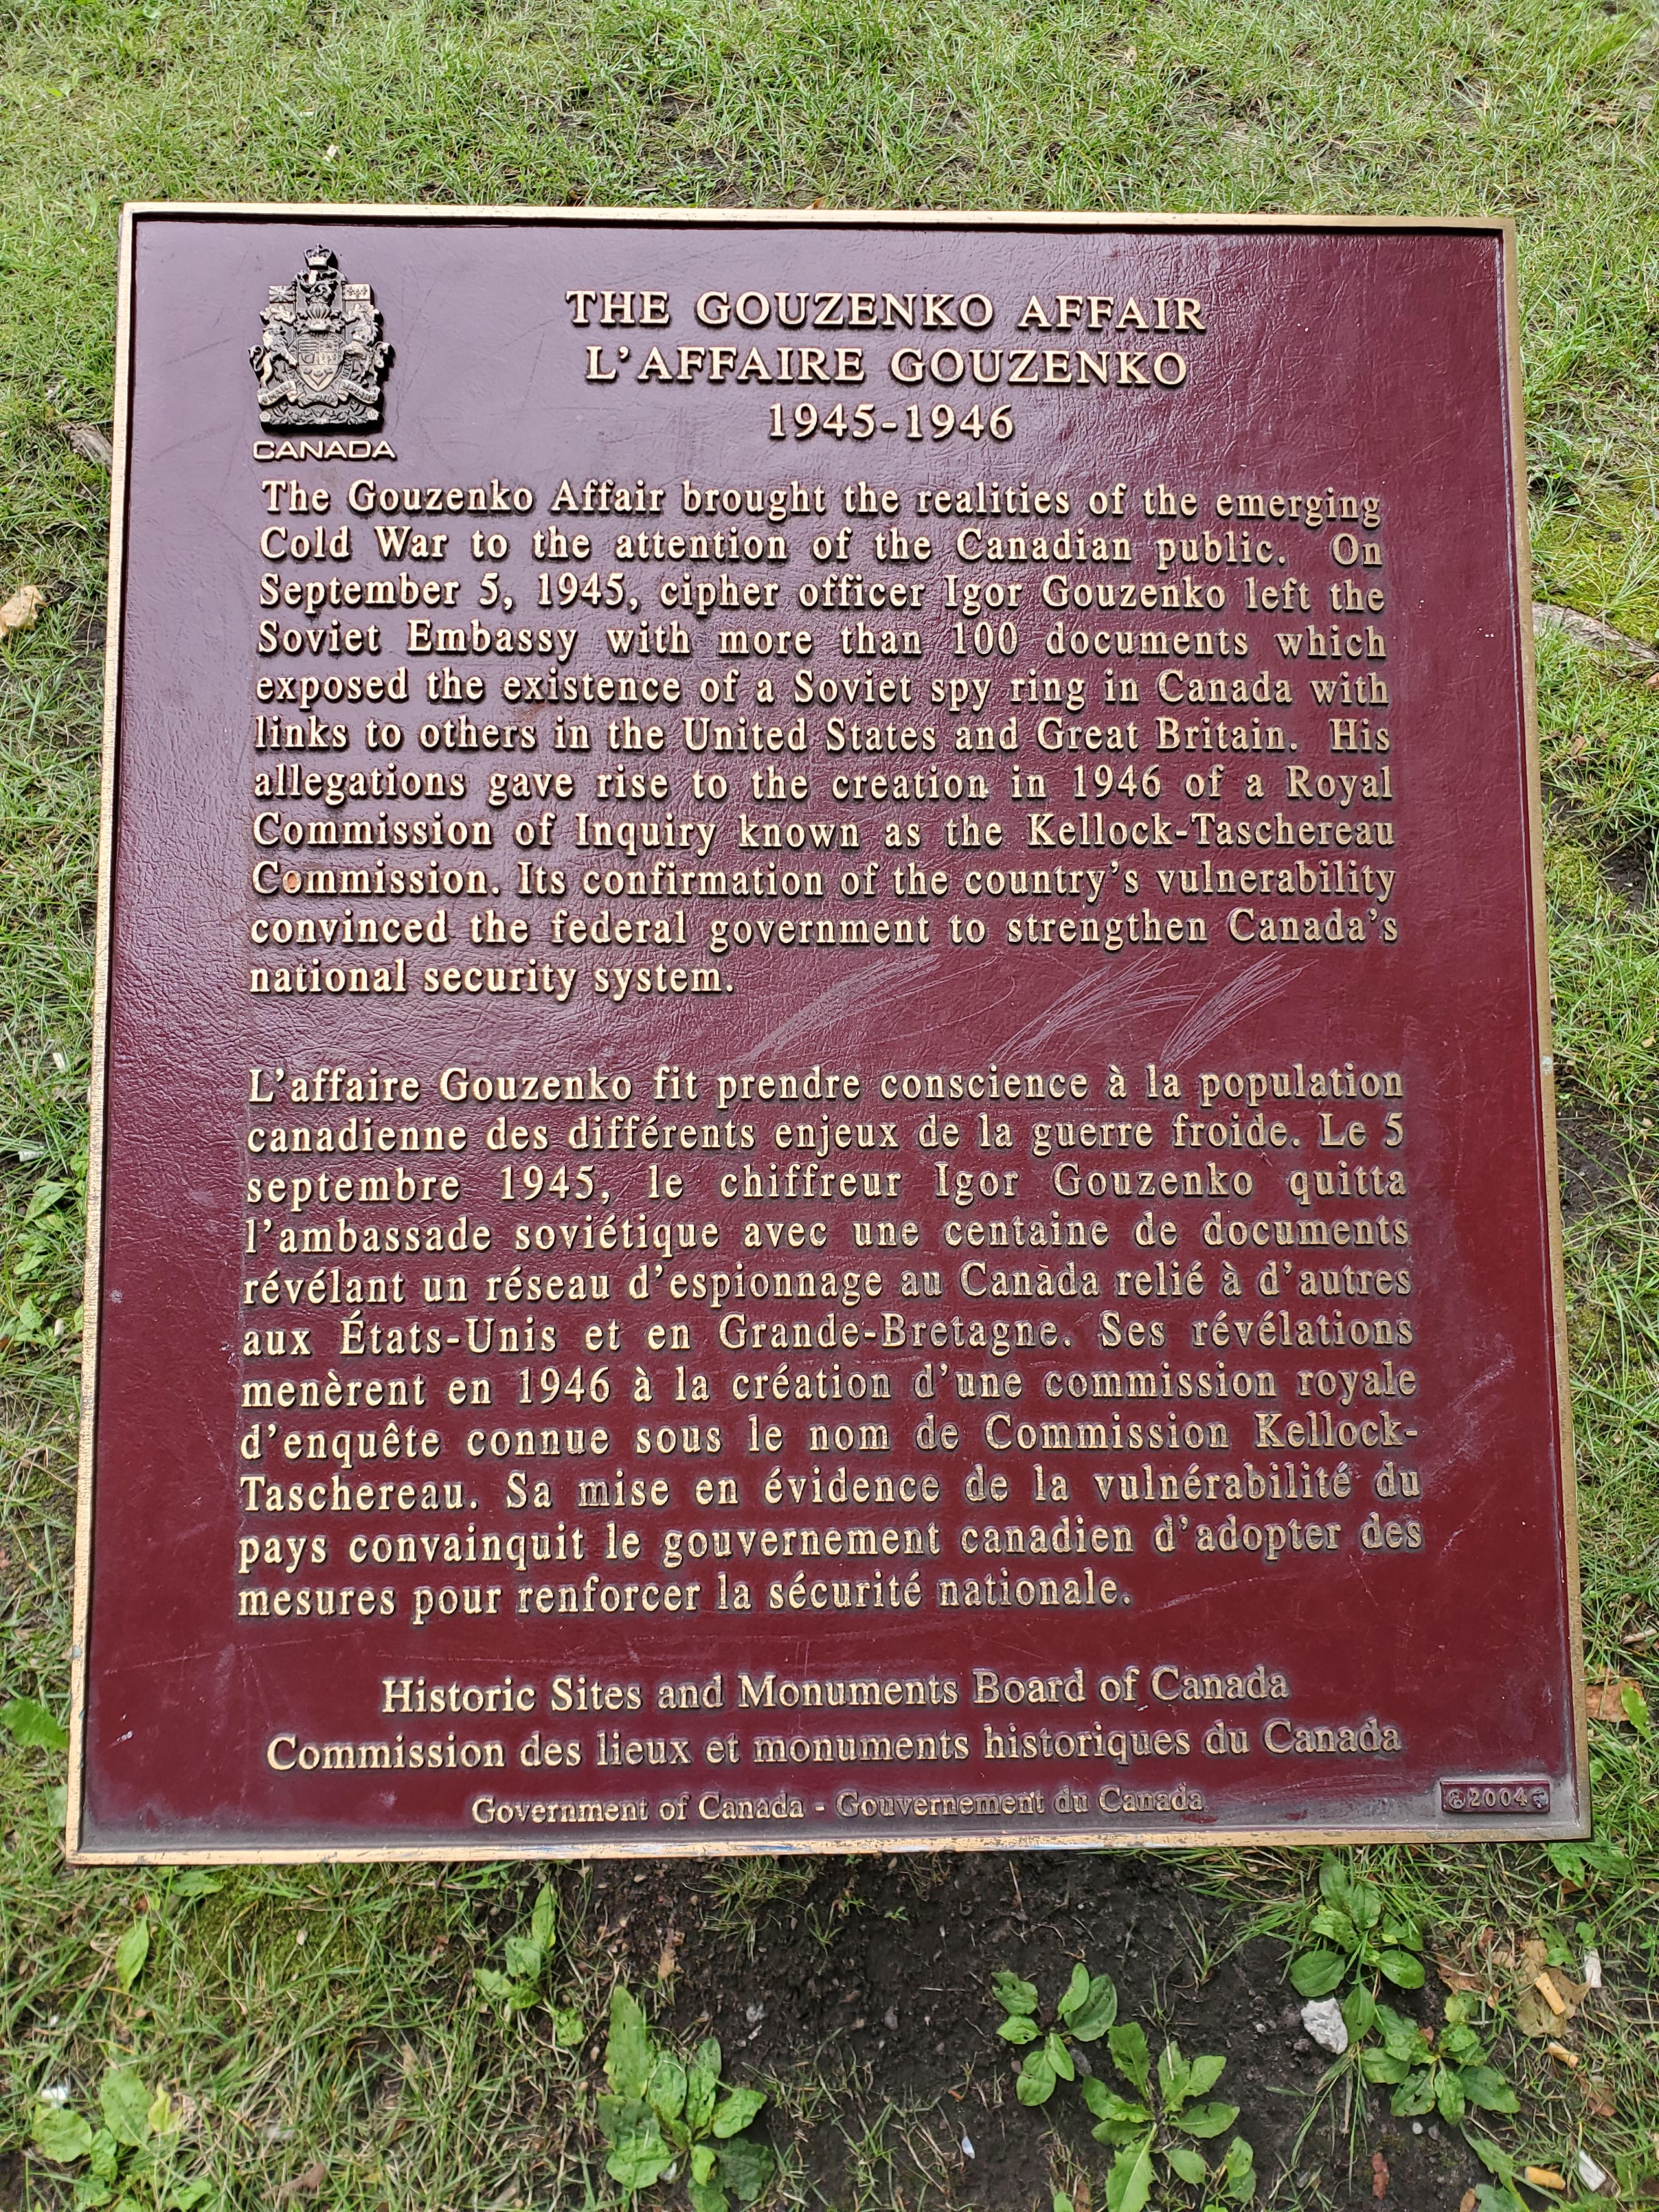 Une plaque rouge avec des écritures dorées et les armoiries du Canada dans le coin supérieur gauche.